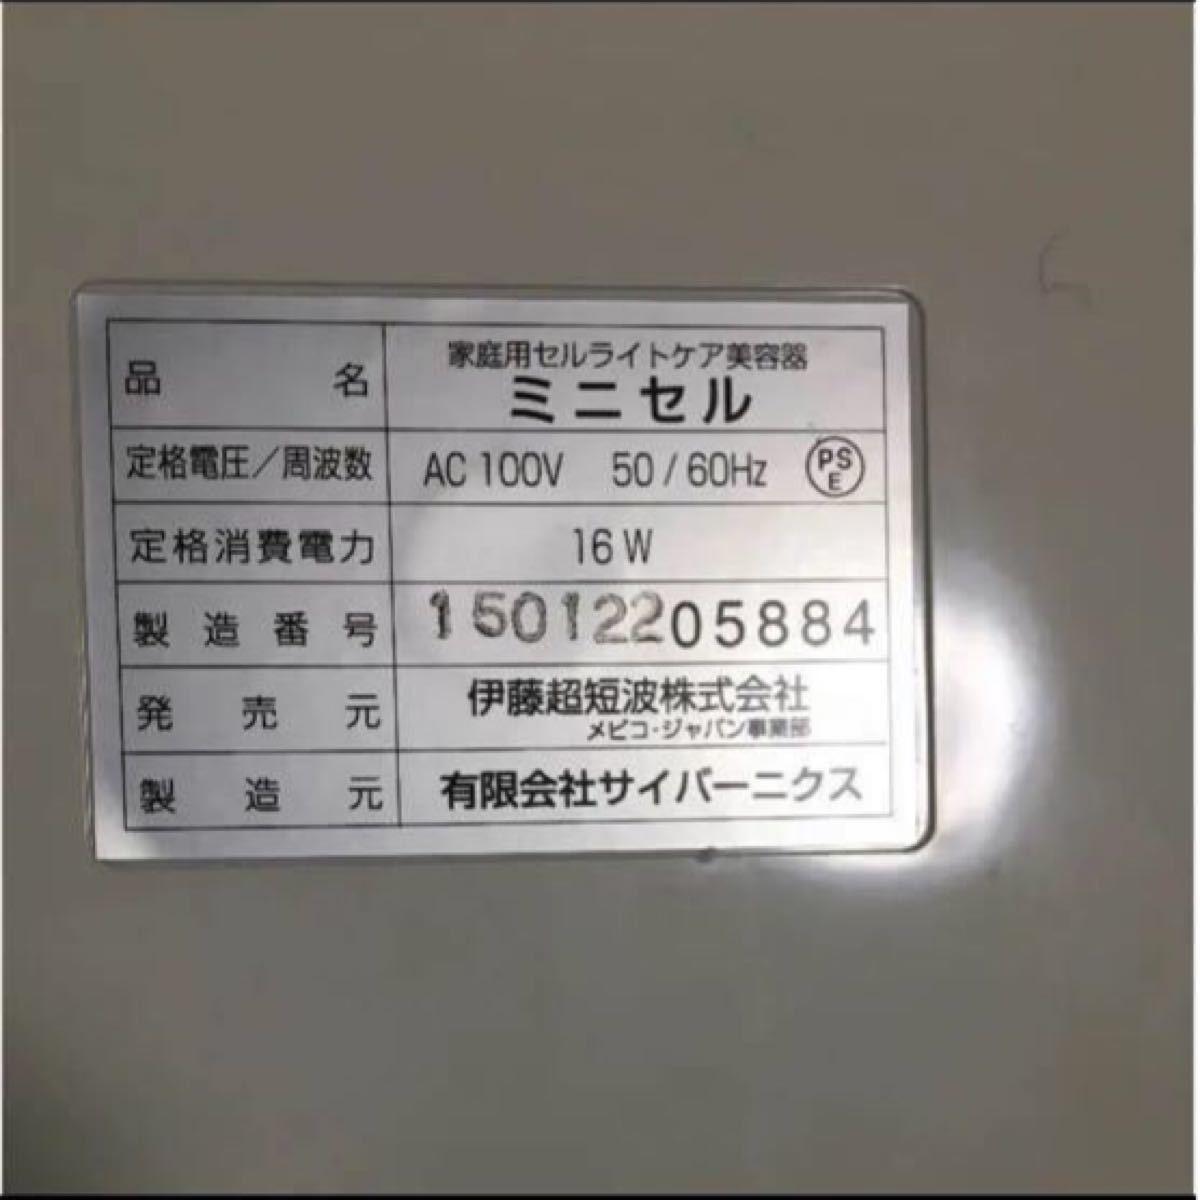 家庭用セルライトケア 美容器 ミニセル